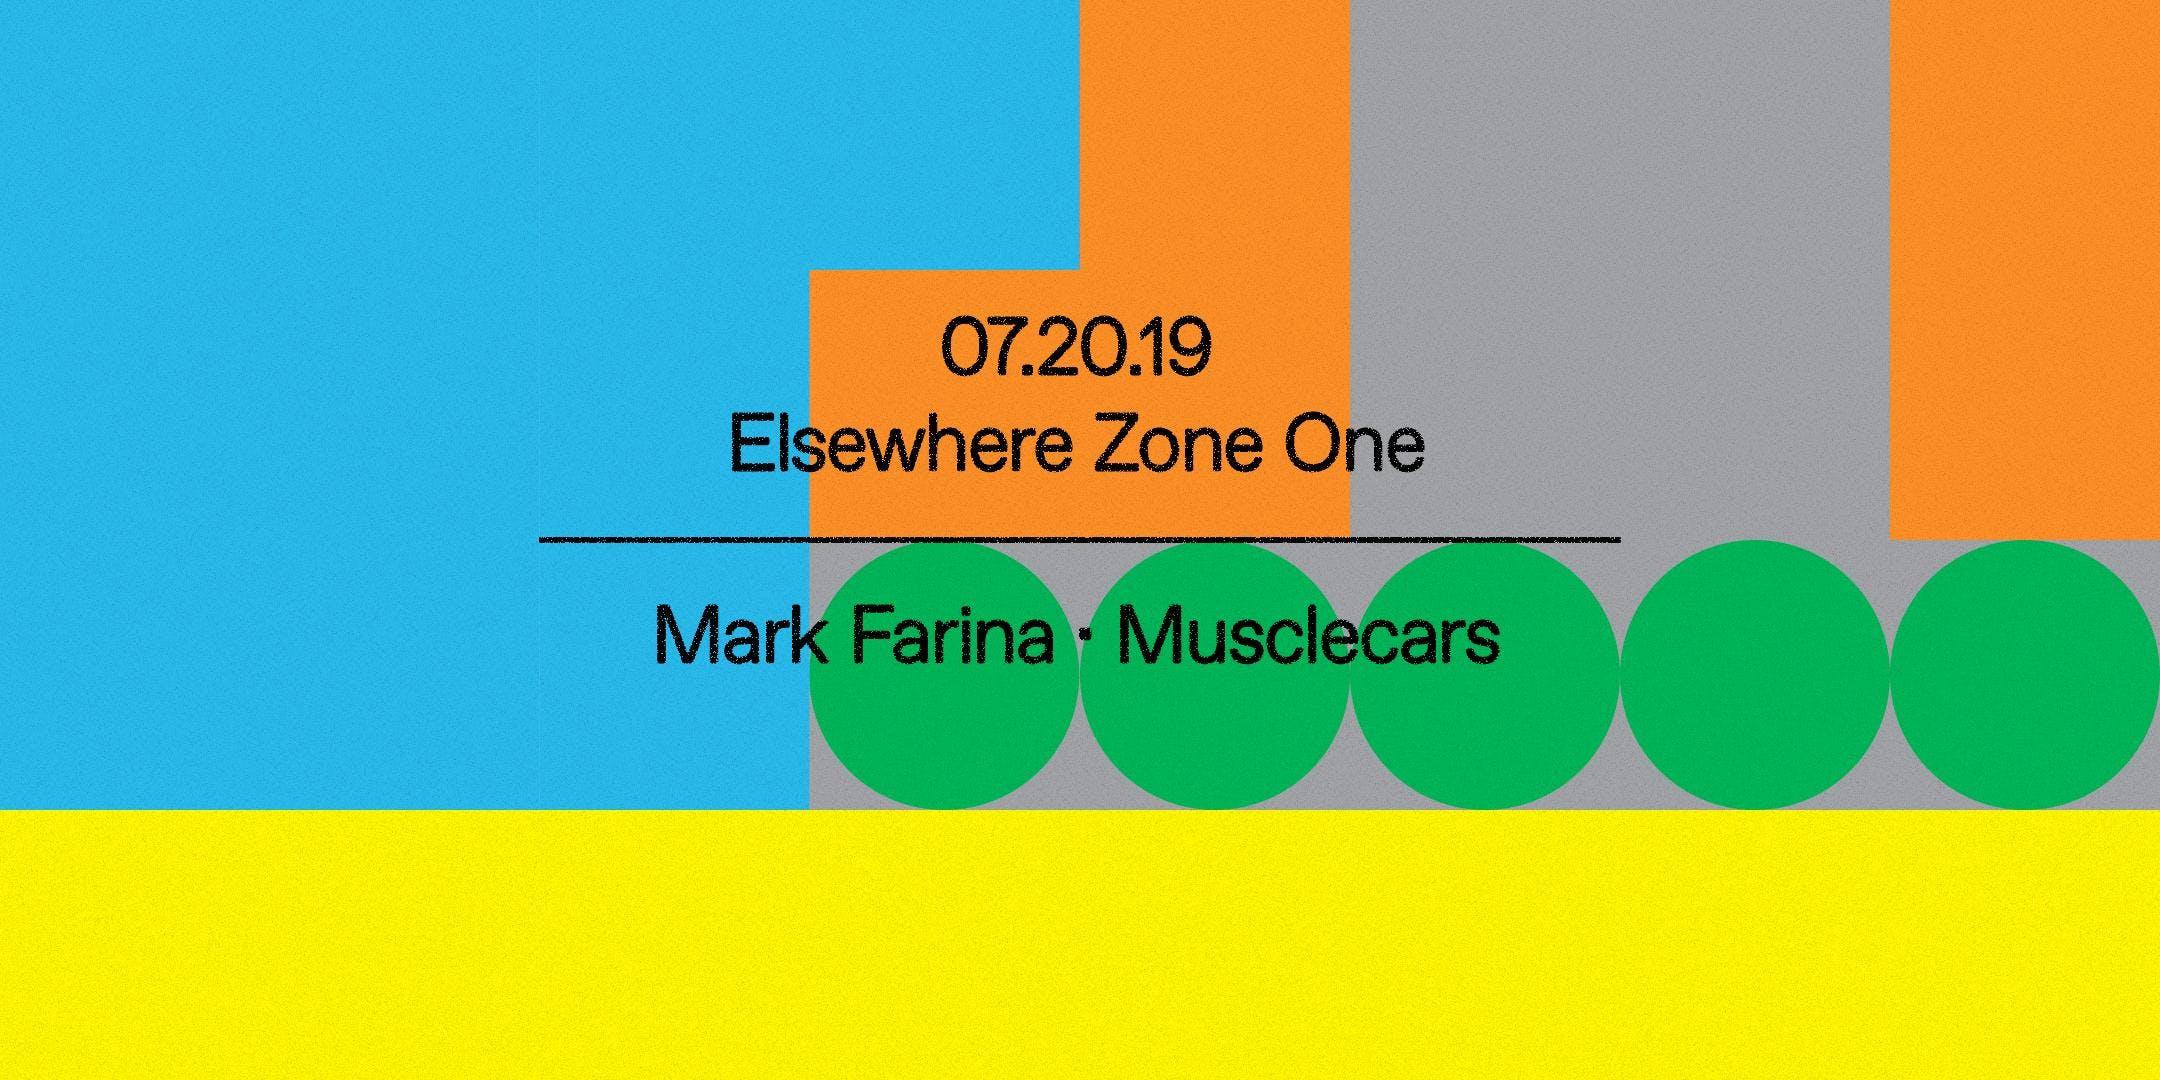 Mark Farina, Musclecars